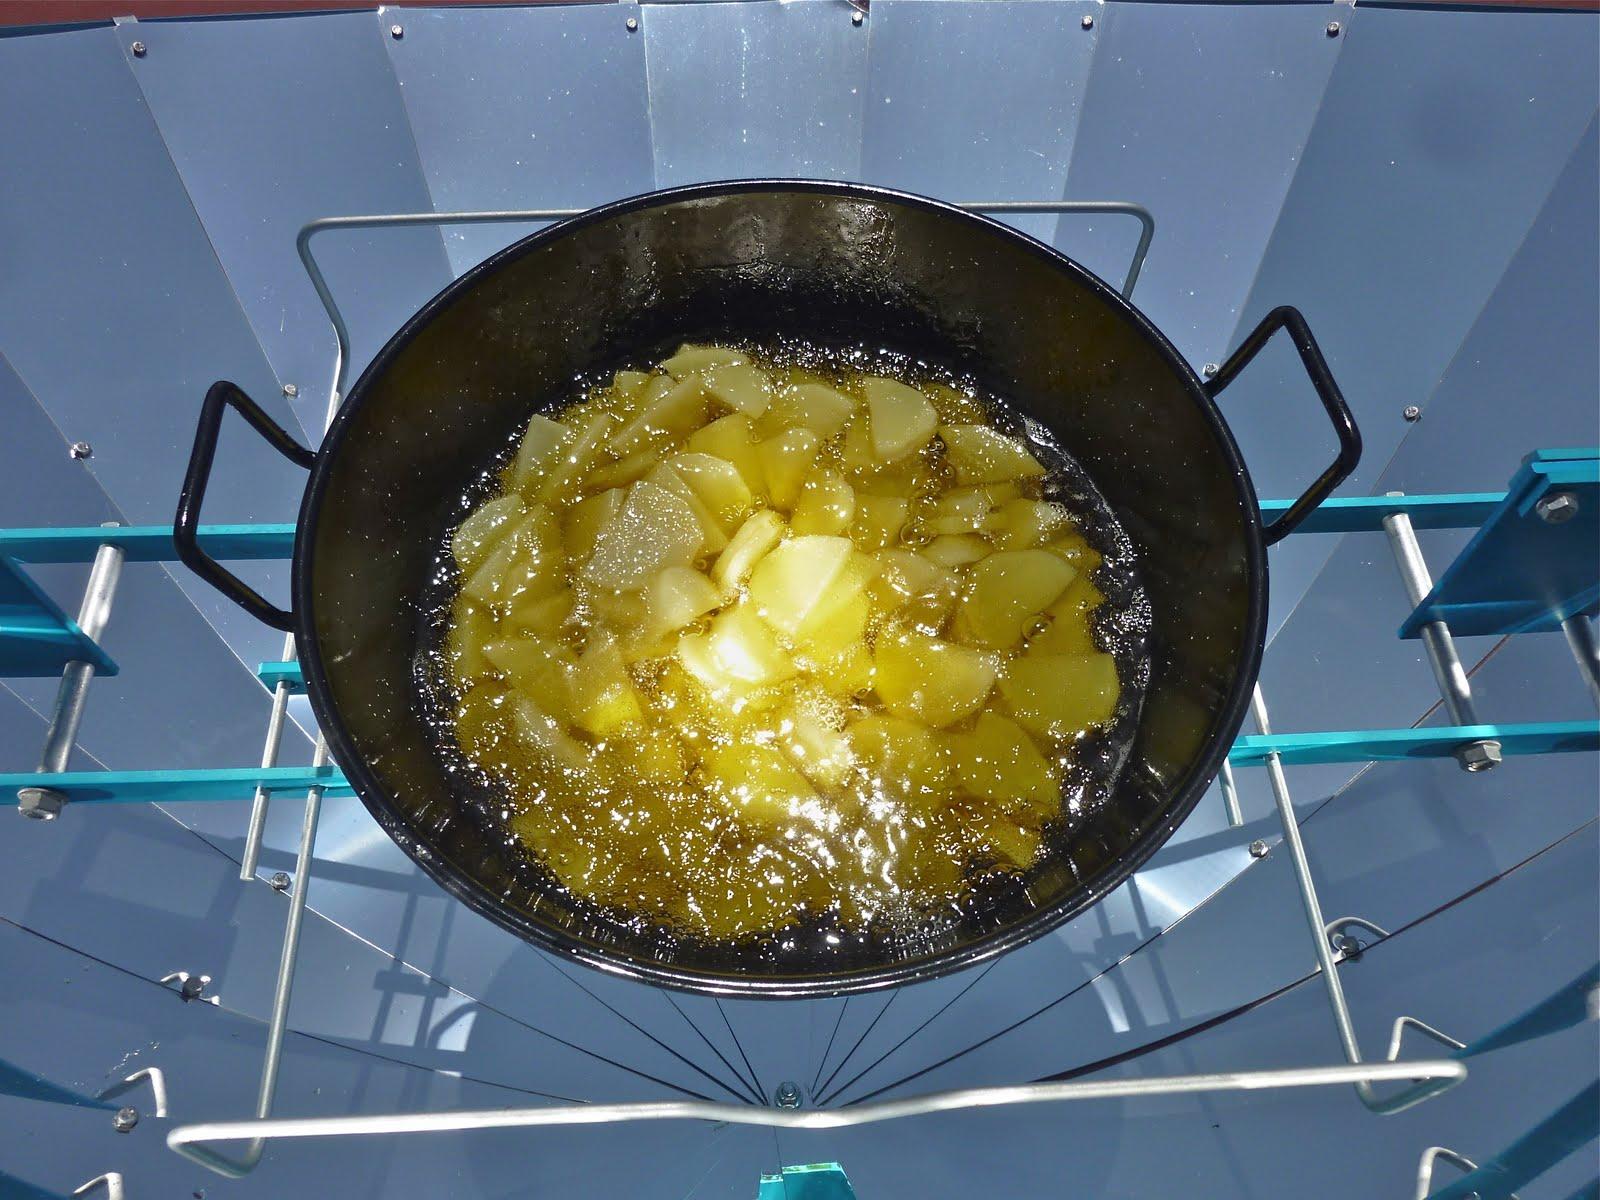 Alsol cocinando tortilla de patatas por alsolchef ren - Sartenes para tortilla ...